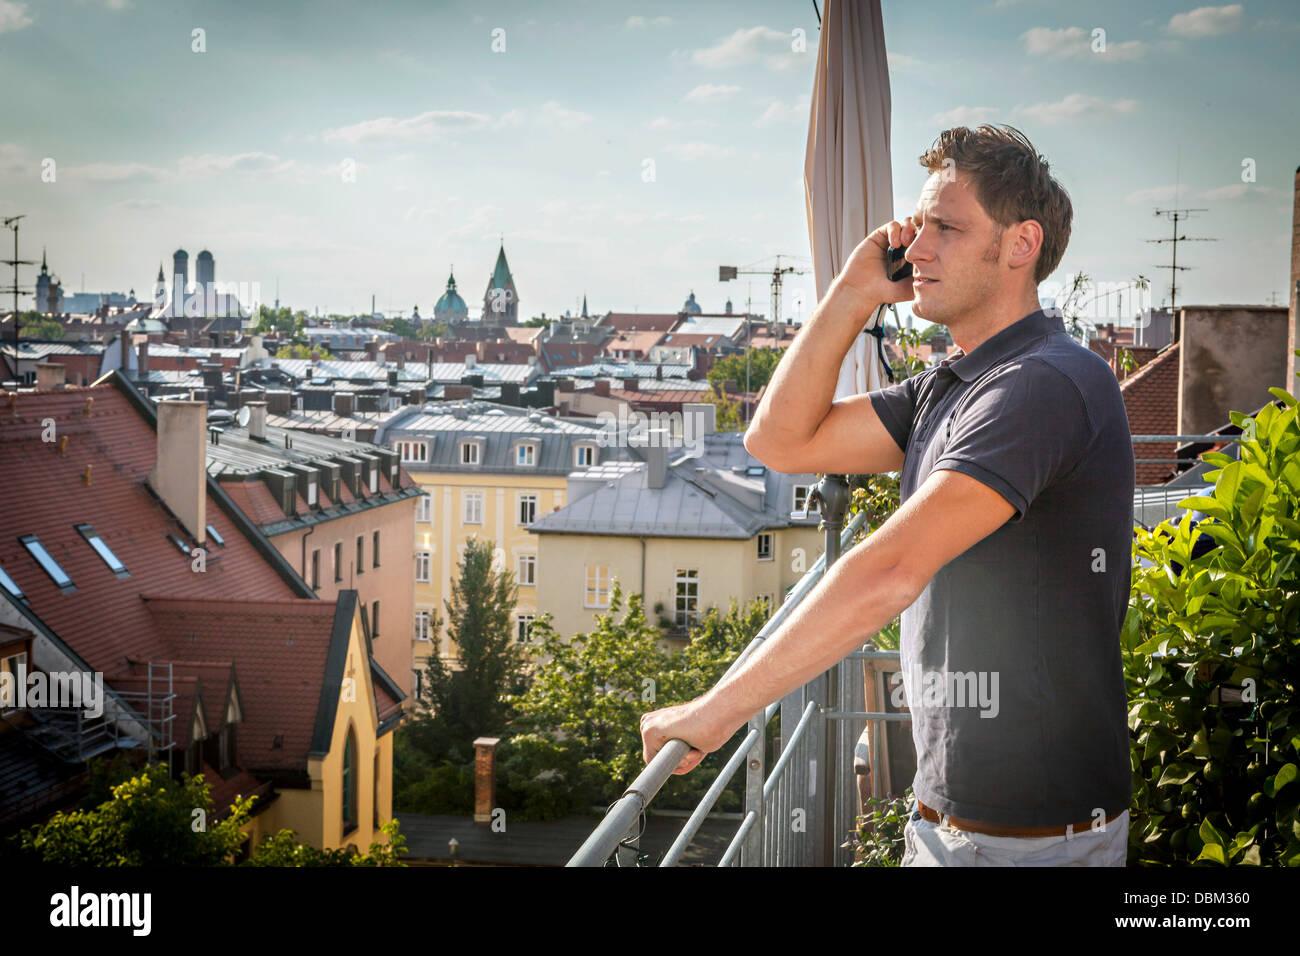 Mann auf Balkon mit Handy, München, Bayern, Deutschland, Europa Stockbild